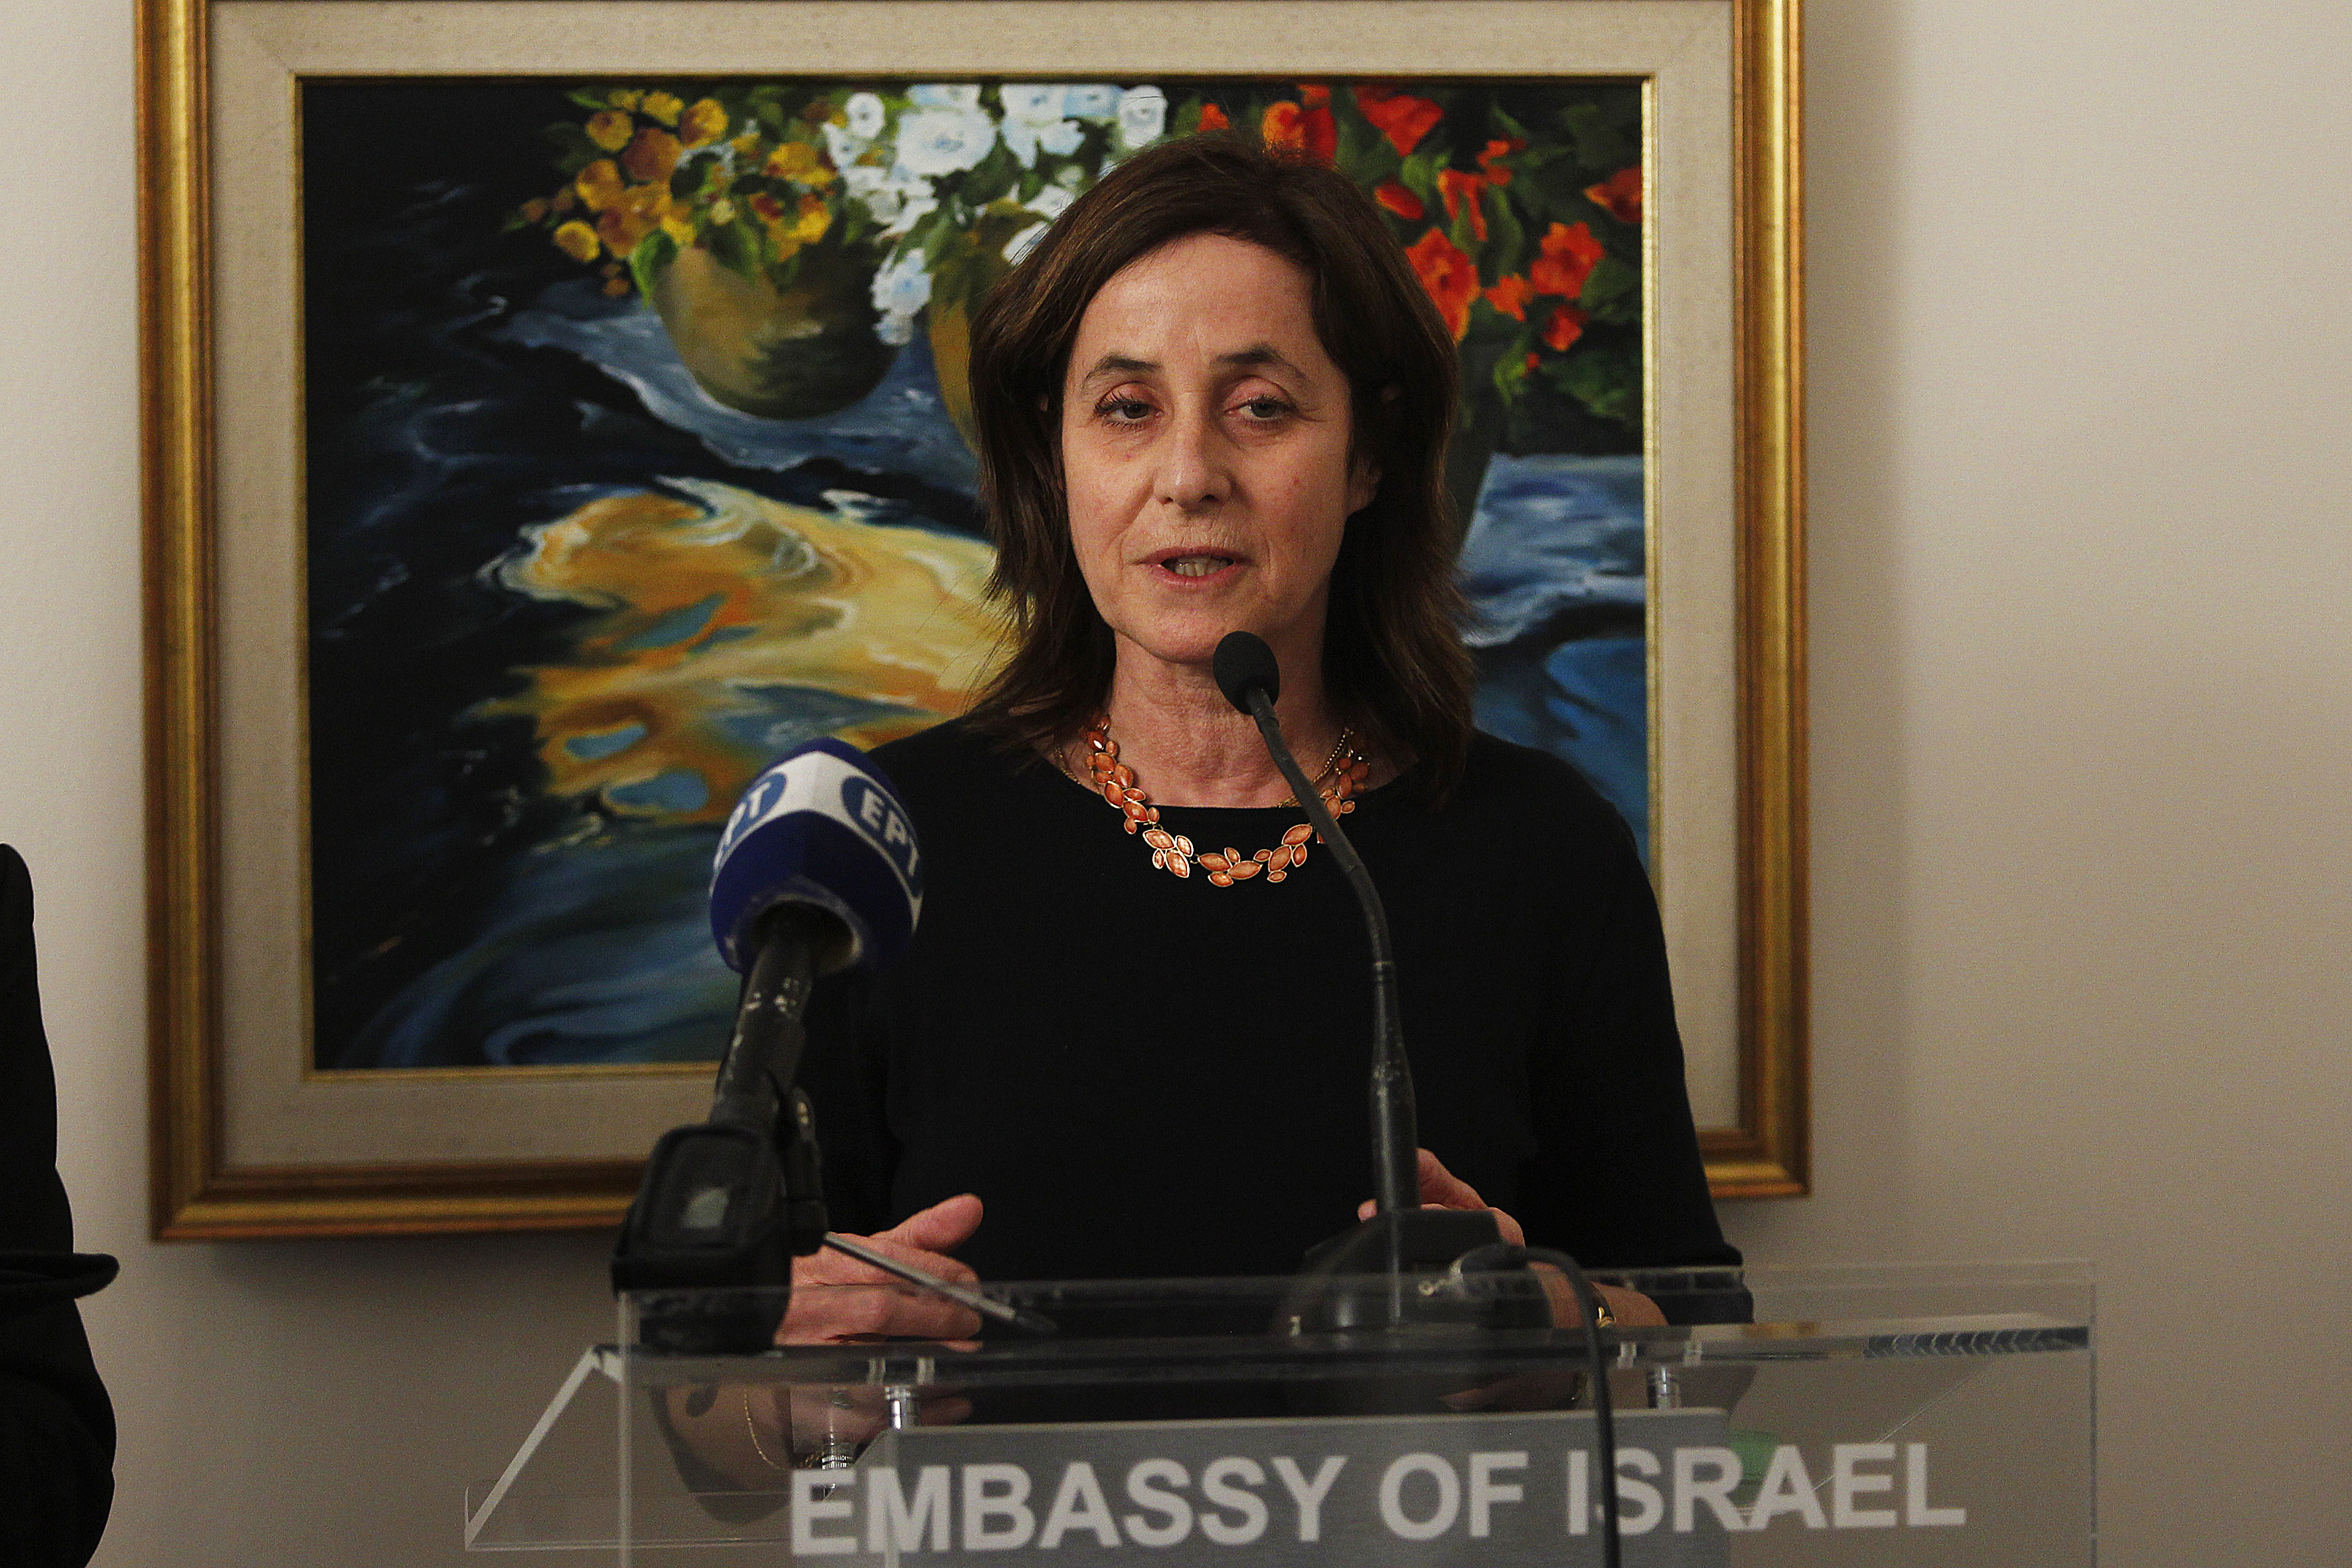 Η πρέσβης του Κράτους του Ισραήλ Ιρίτ Μπέν-Άμπα μιλαέι σε ειδική τελετή βράβευσης από τον Πρόεδρο του Ισραήλ Ρούβεν Ρίβλιν, γνωστών προσωπικοτήτων της Ελλάδας με σημαντική συμβολή στις Ελληνο-Ισραηλινές σχέσεις στην πρεσβεία του Ισραήλ, από  Δευτέρα 29 Ιανουαρίου 2018.